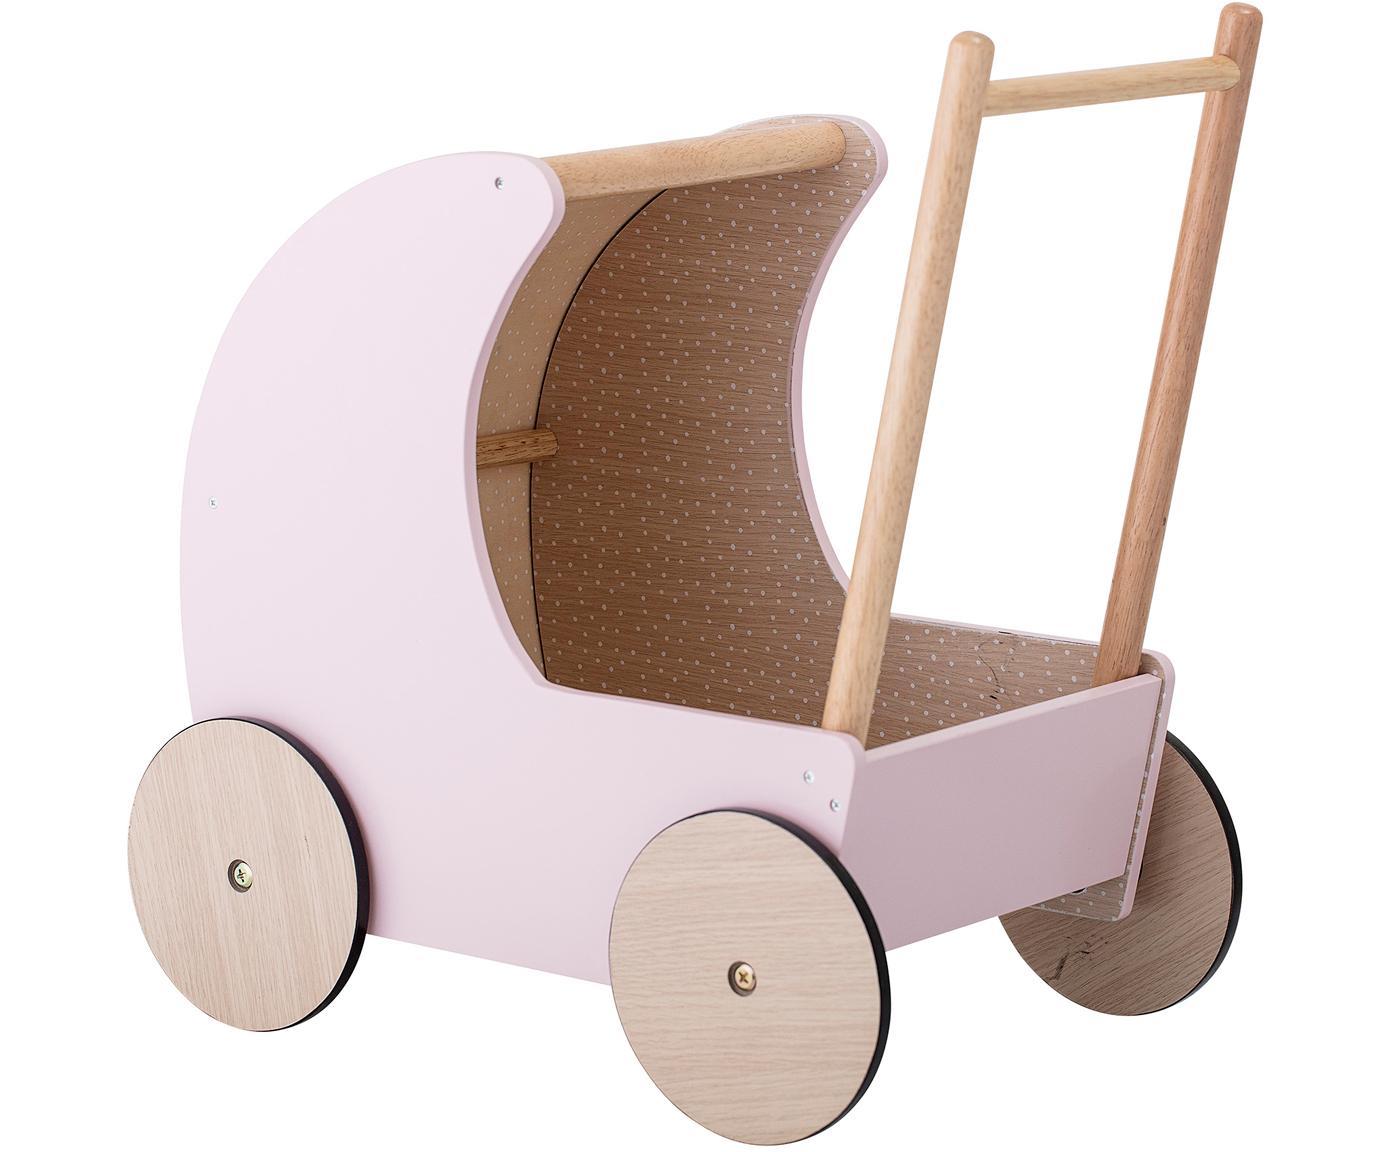 Carrozzina per bambole Walk, Pannello di fibra a media densità, legno di caucciù, Rosa, Larg. 25 x Alt. 40 cm